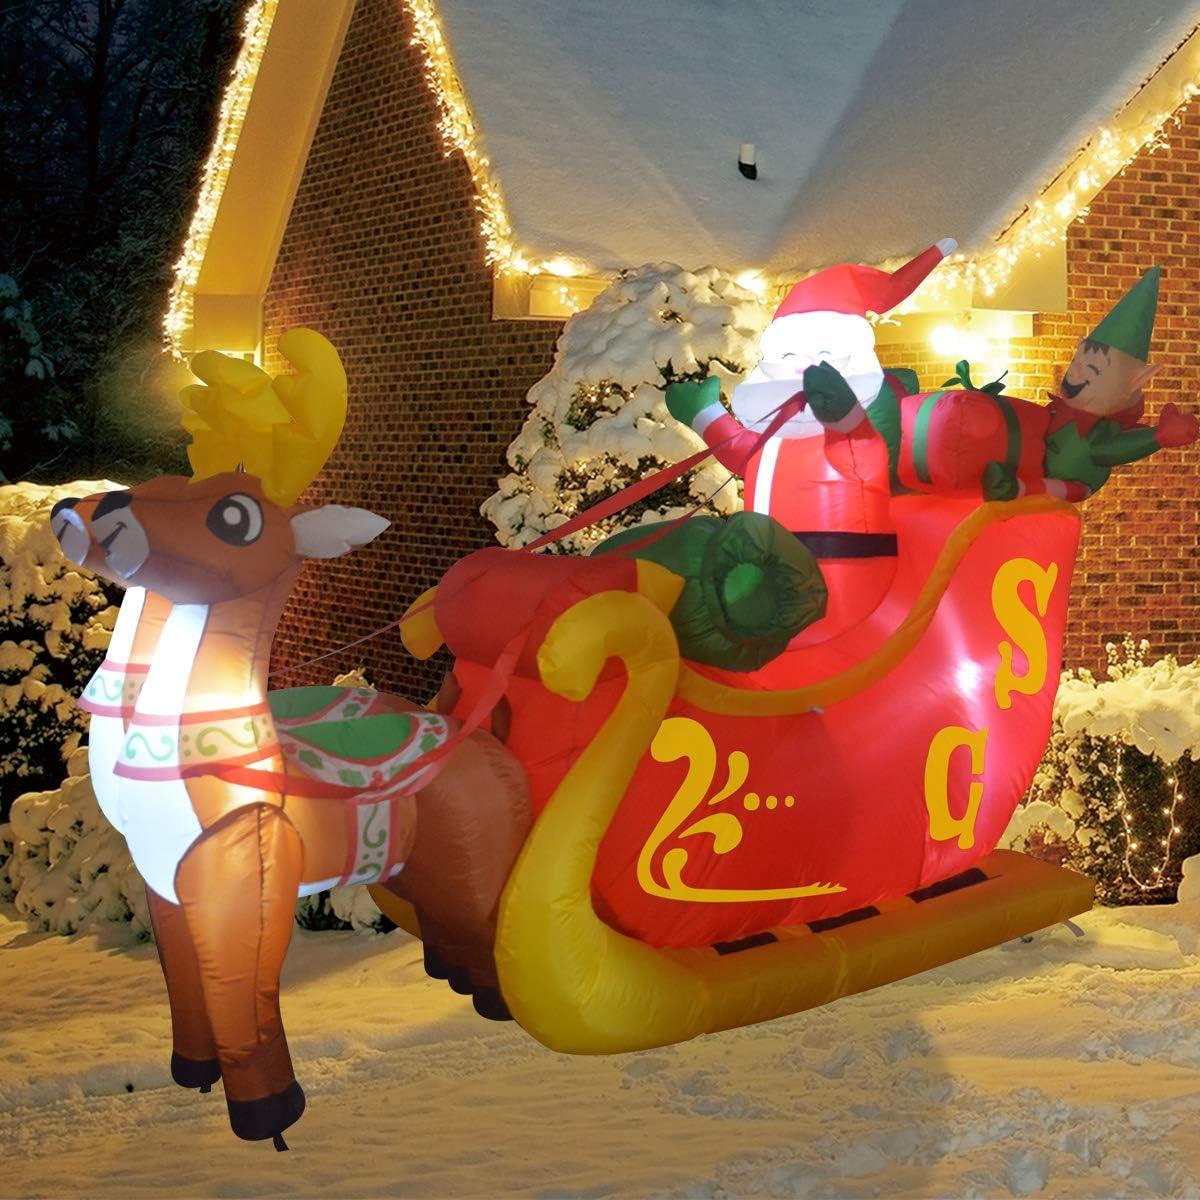 GOOSH 7Foot Christmas Inflatable Deer cart Yard Decoration, Indoor Outdoor Garden Christmas Decoration